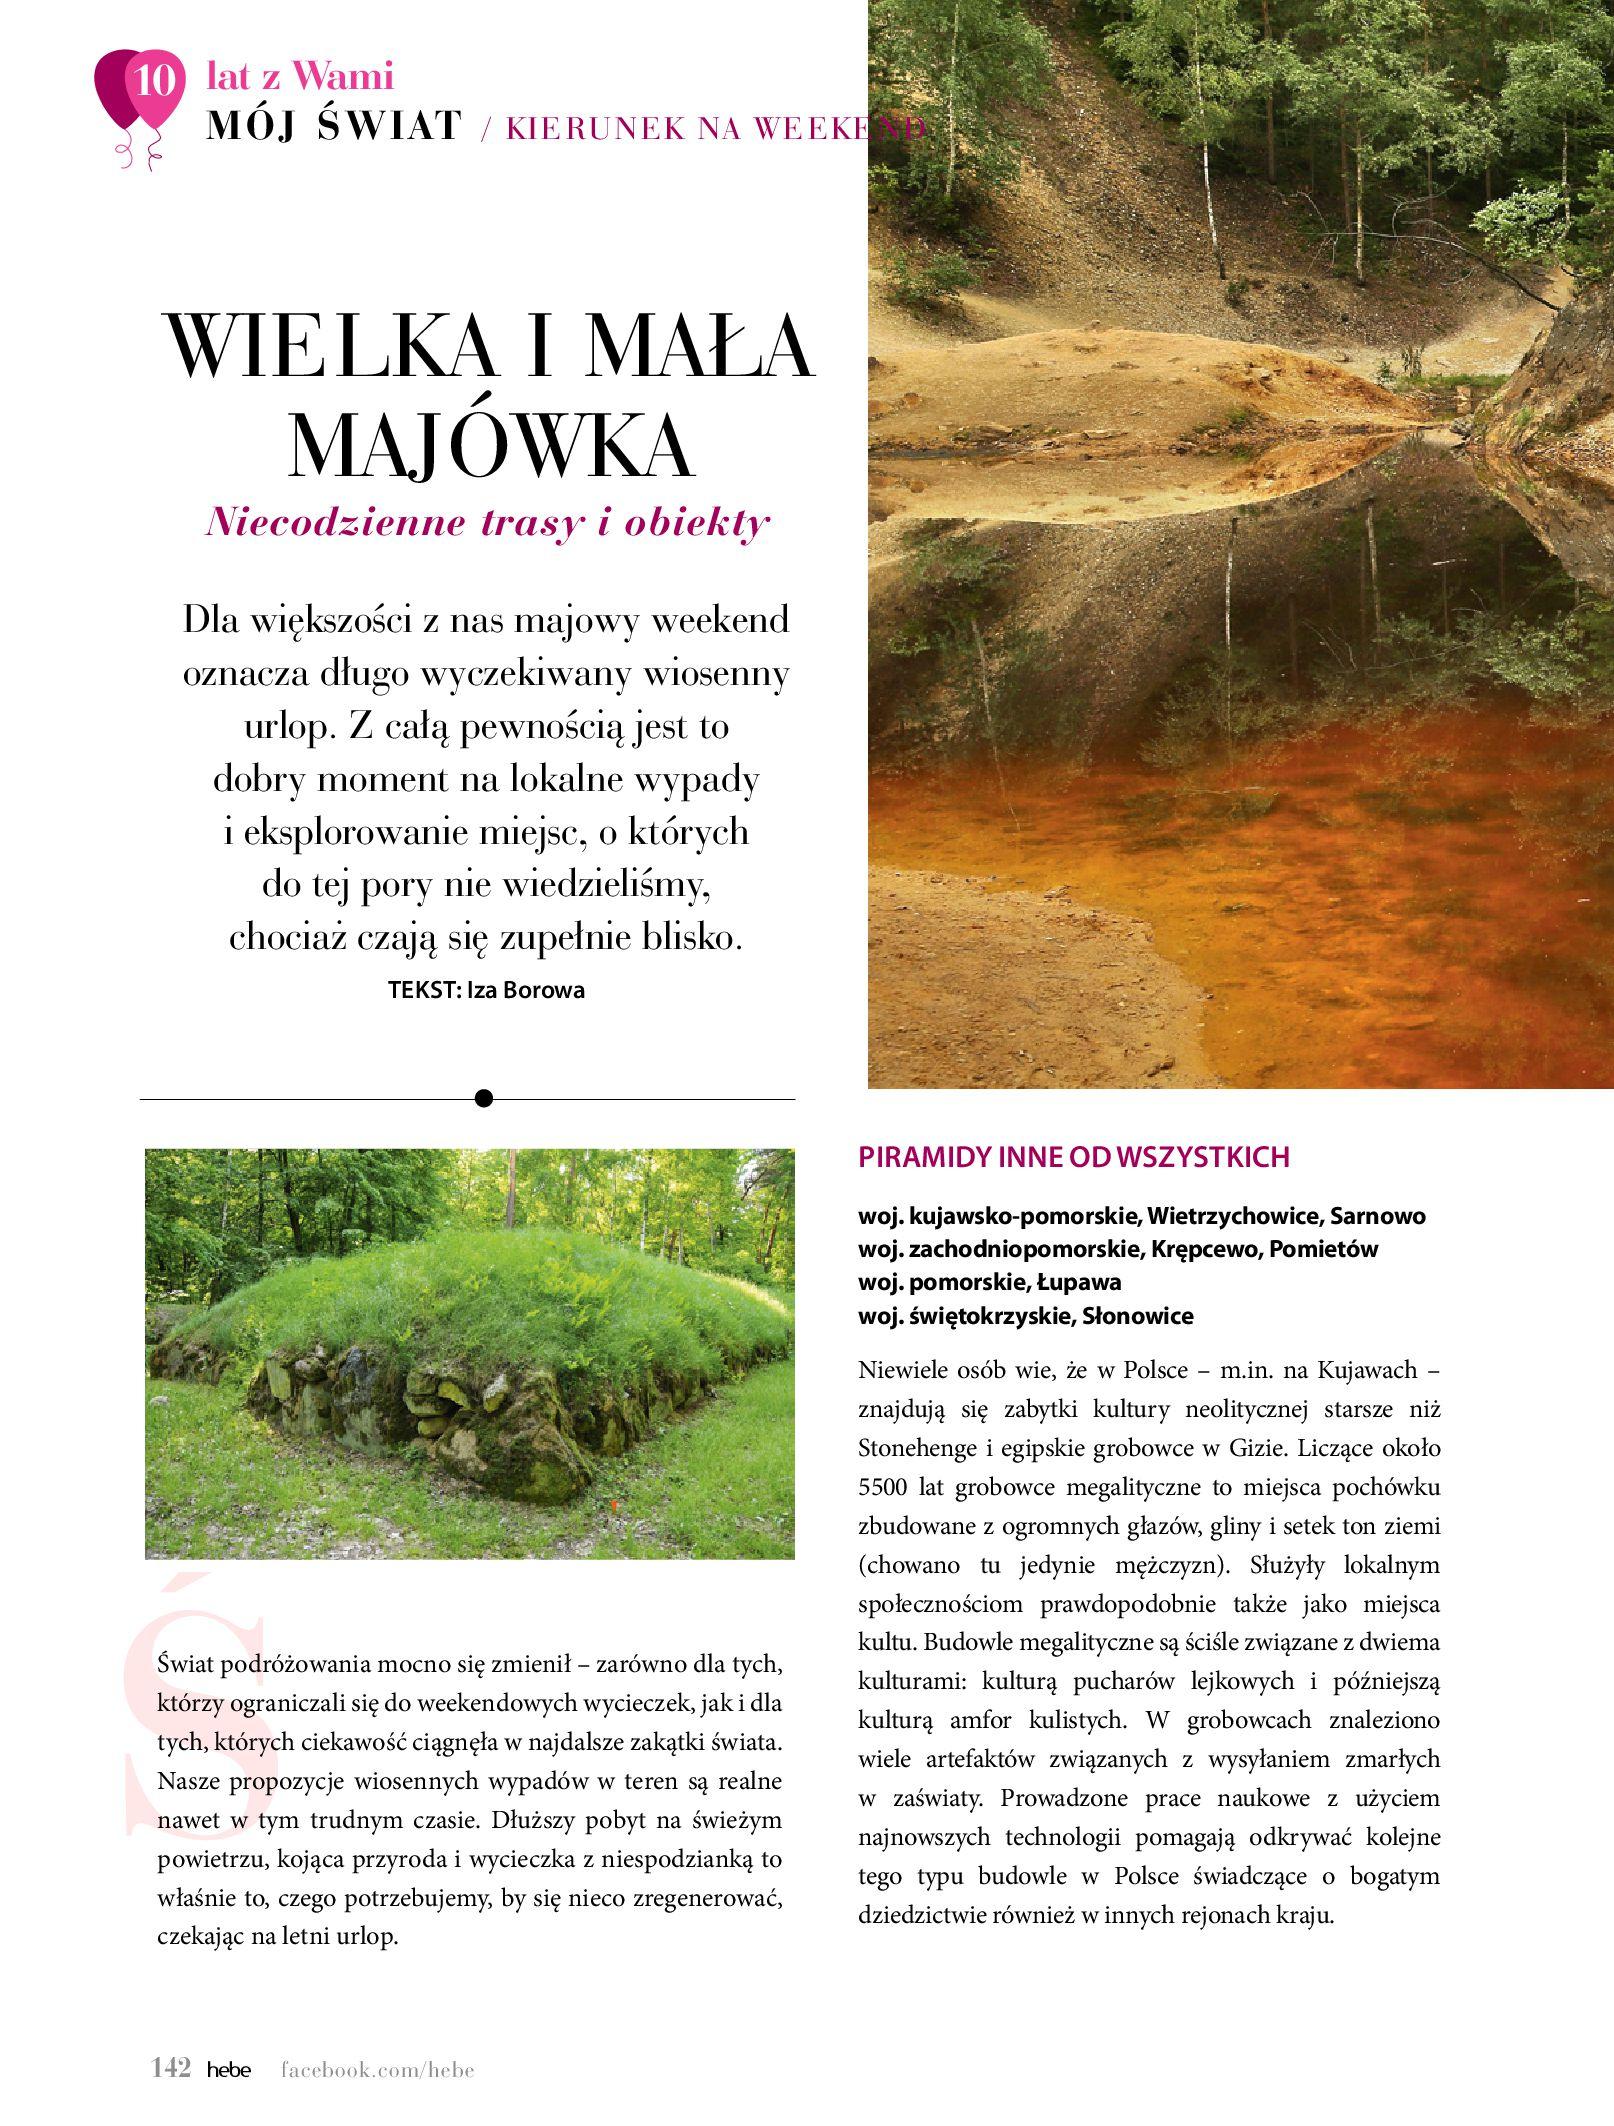 Gazetka hebe: Gazetka Hebe - Magazyn  2021-05-01 page-142